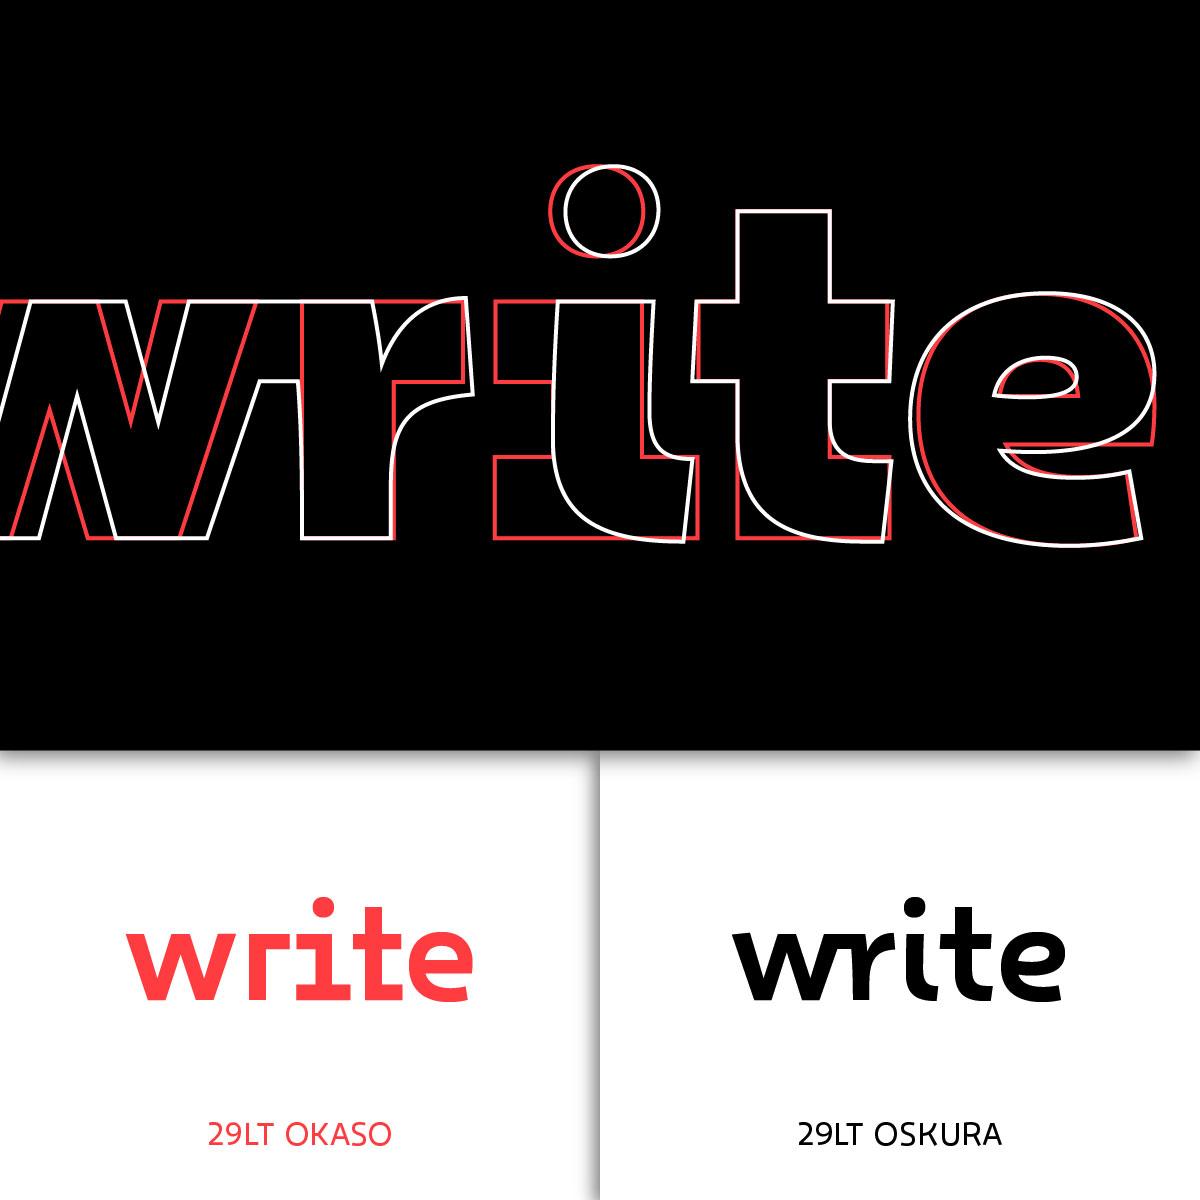 29LT-Okaso+Oskura-Blog-8